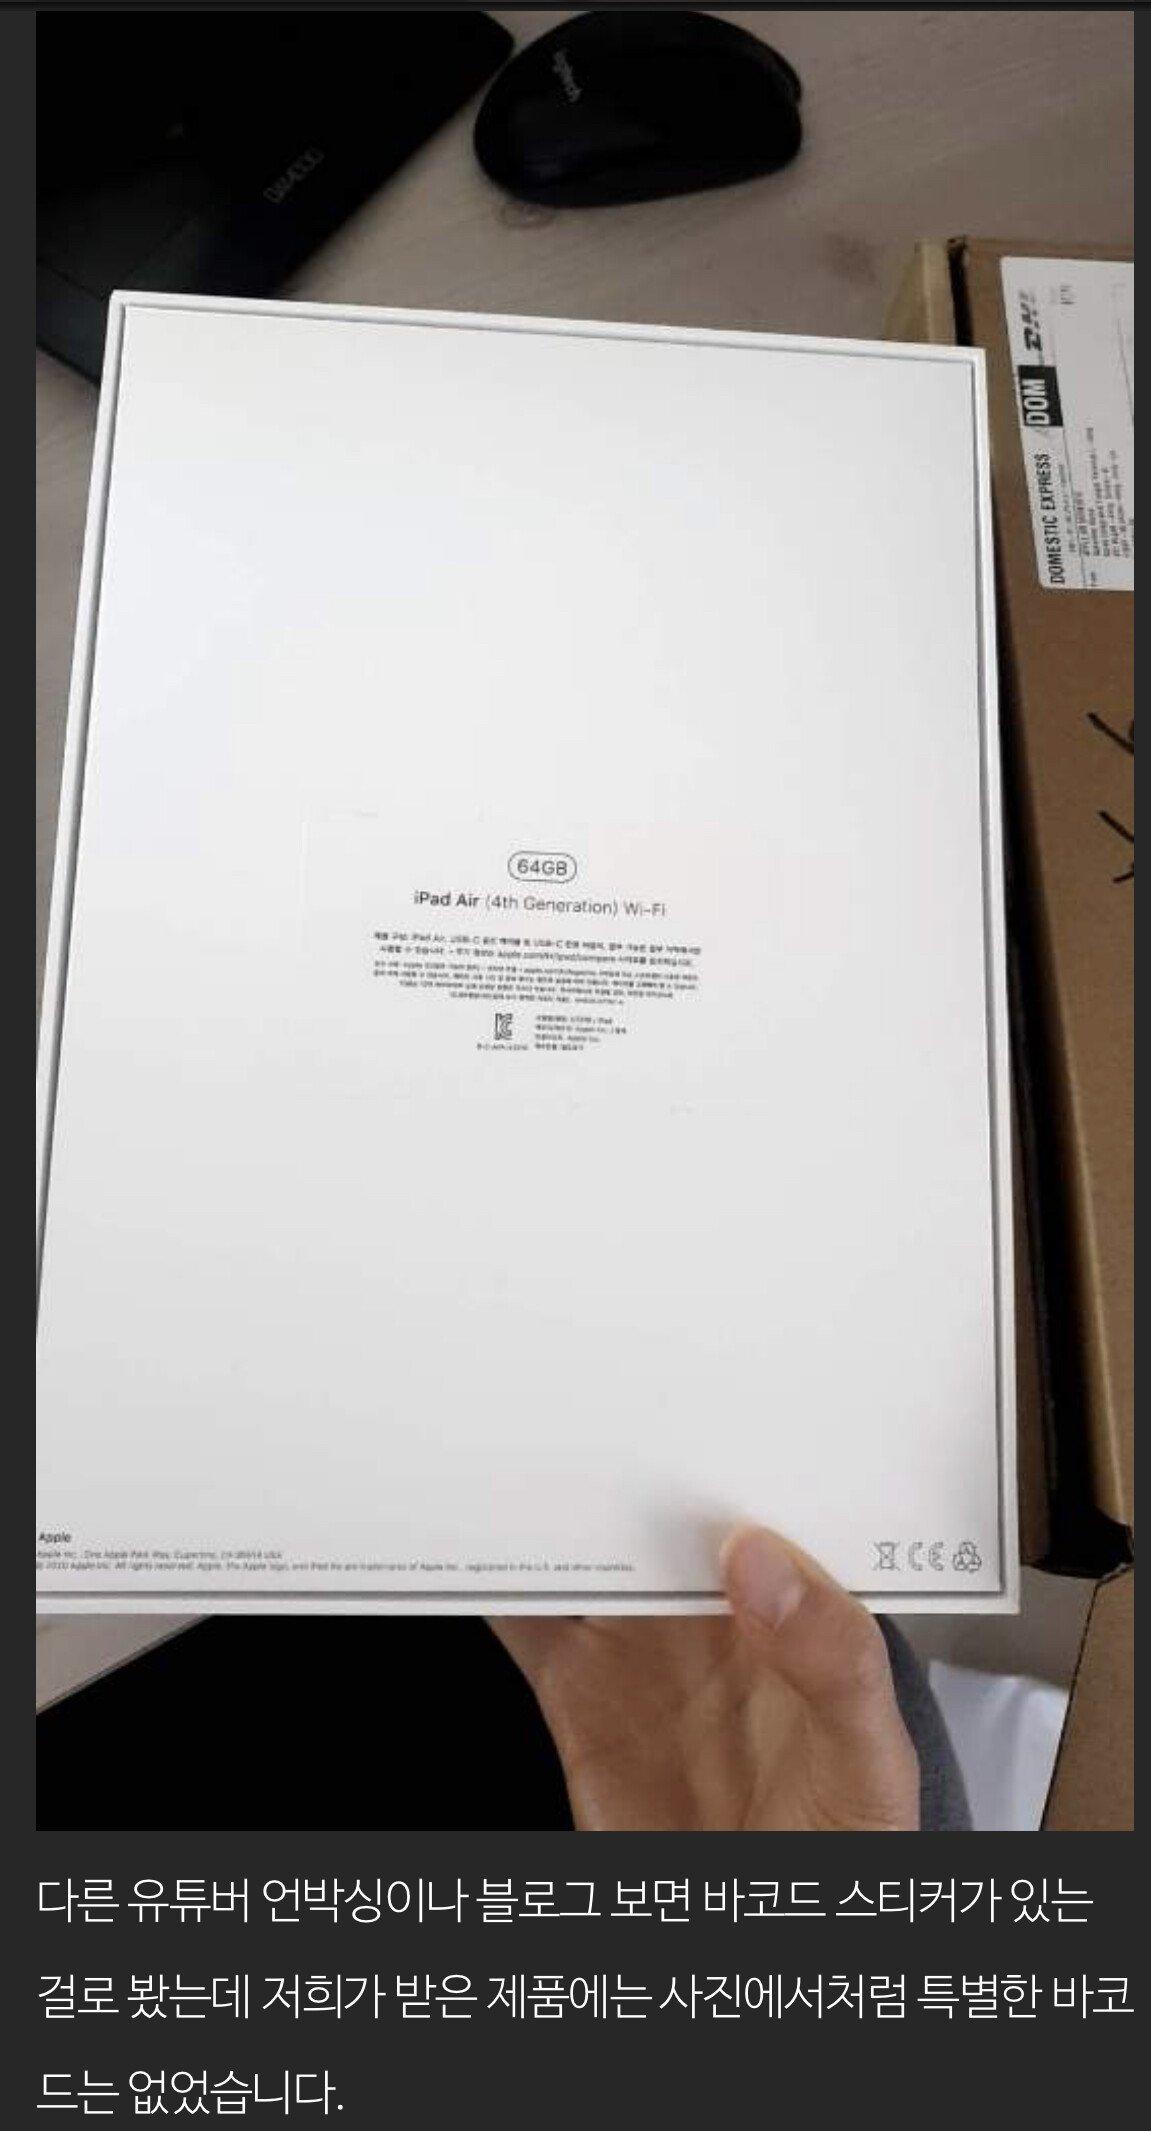 C92844D3-2AC0-47E7-A3C6-551BE9C00E33.jpeg 애플공홈에서 아이패드 에어4 빈박스 배달.JPG